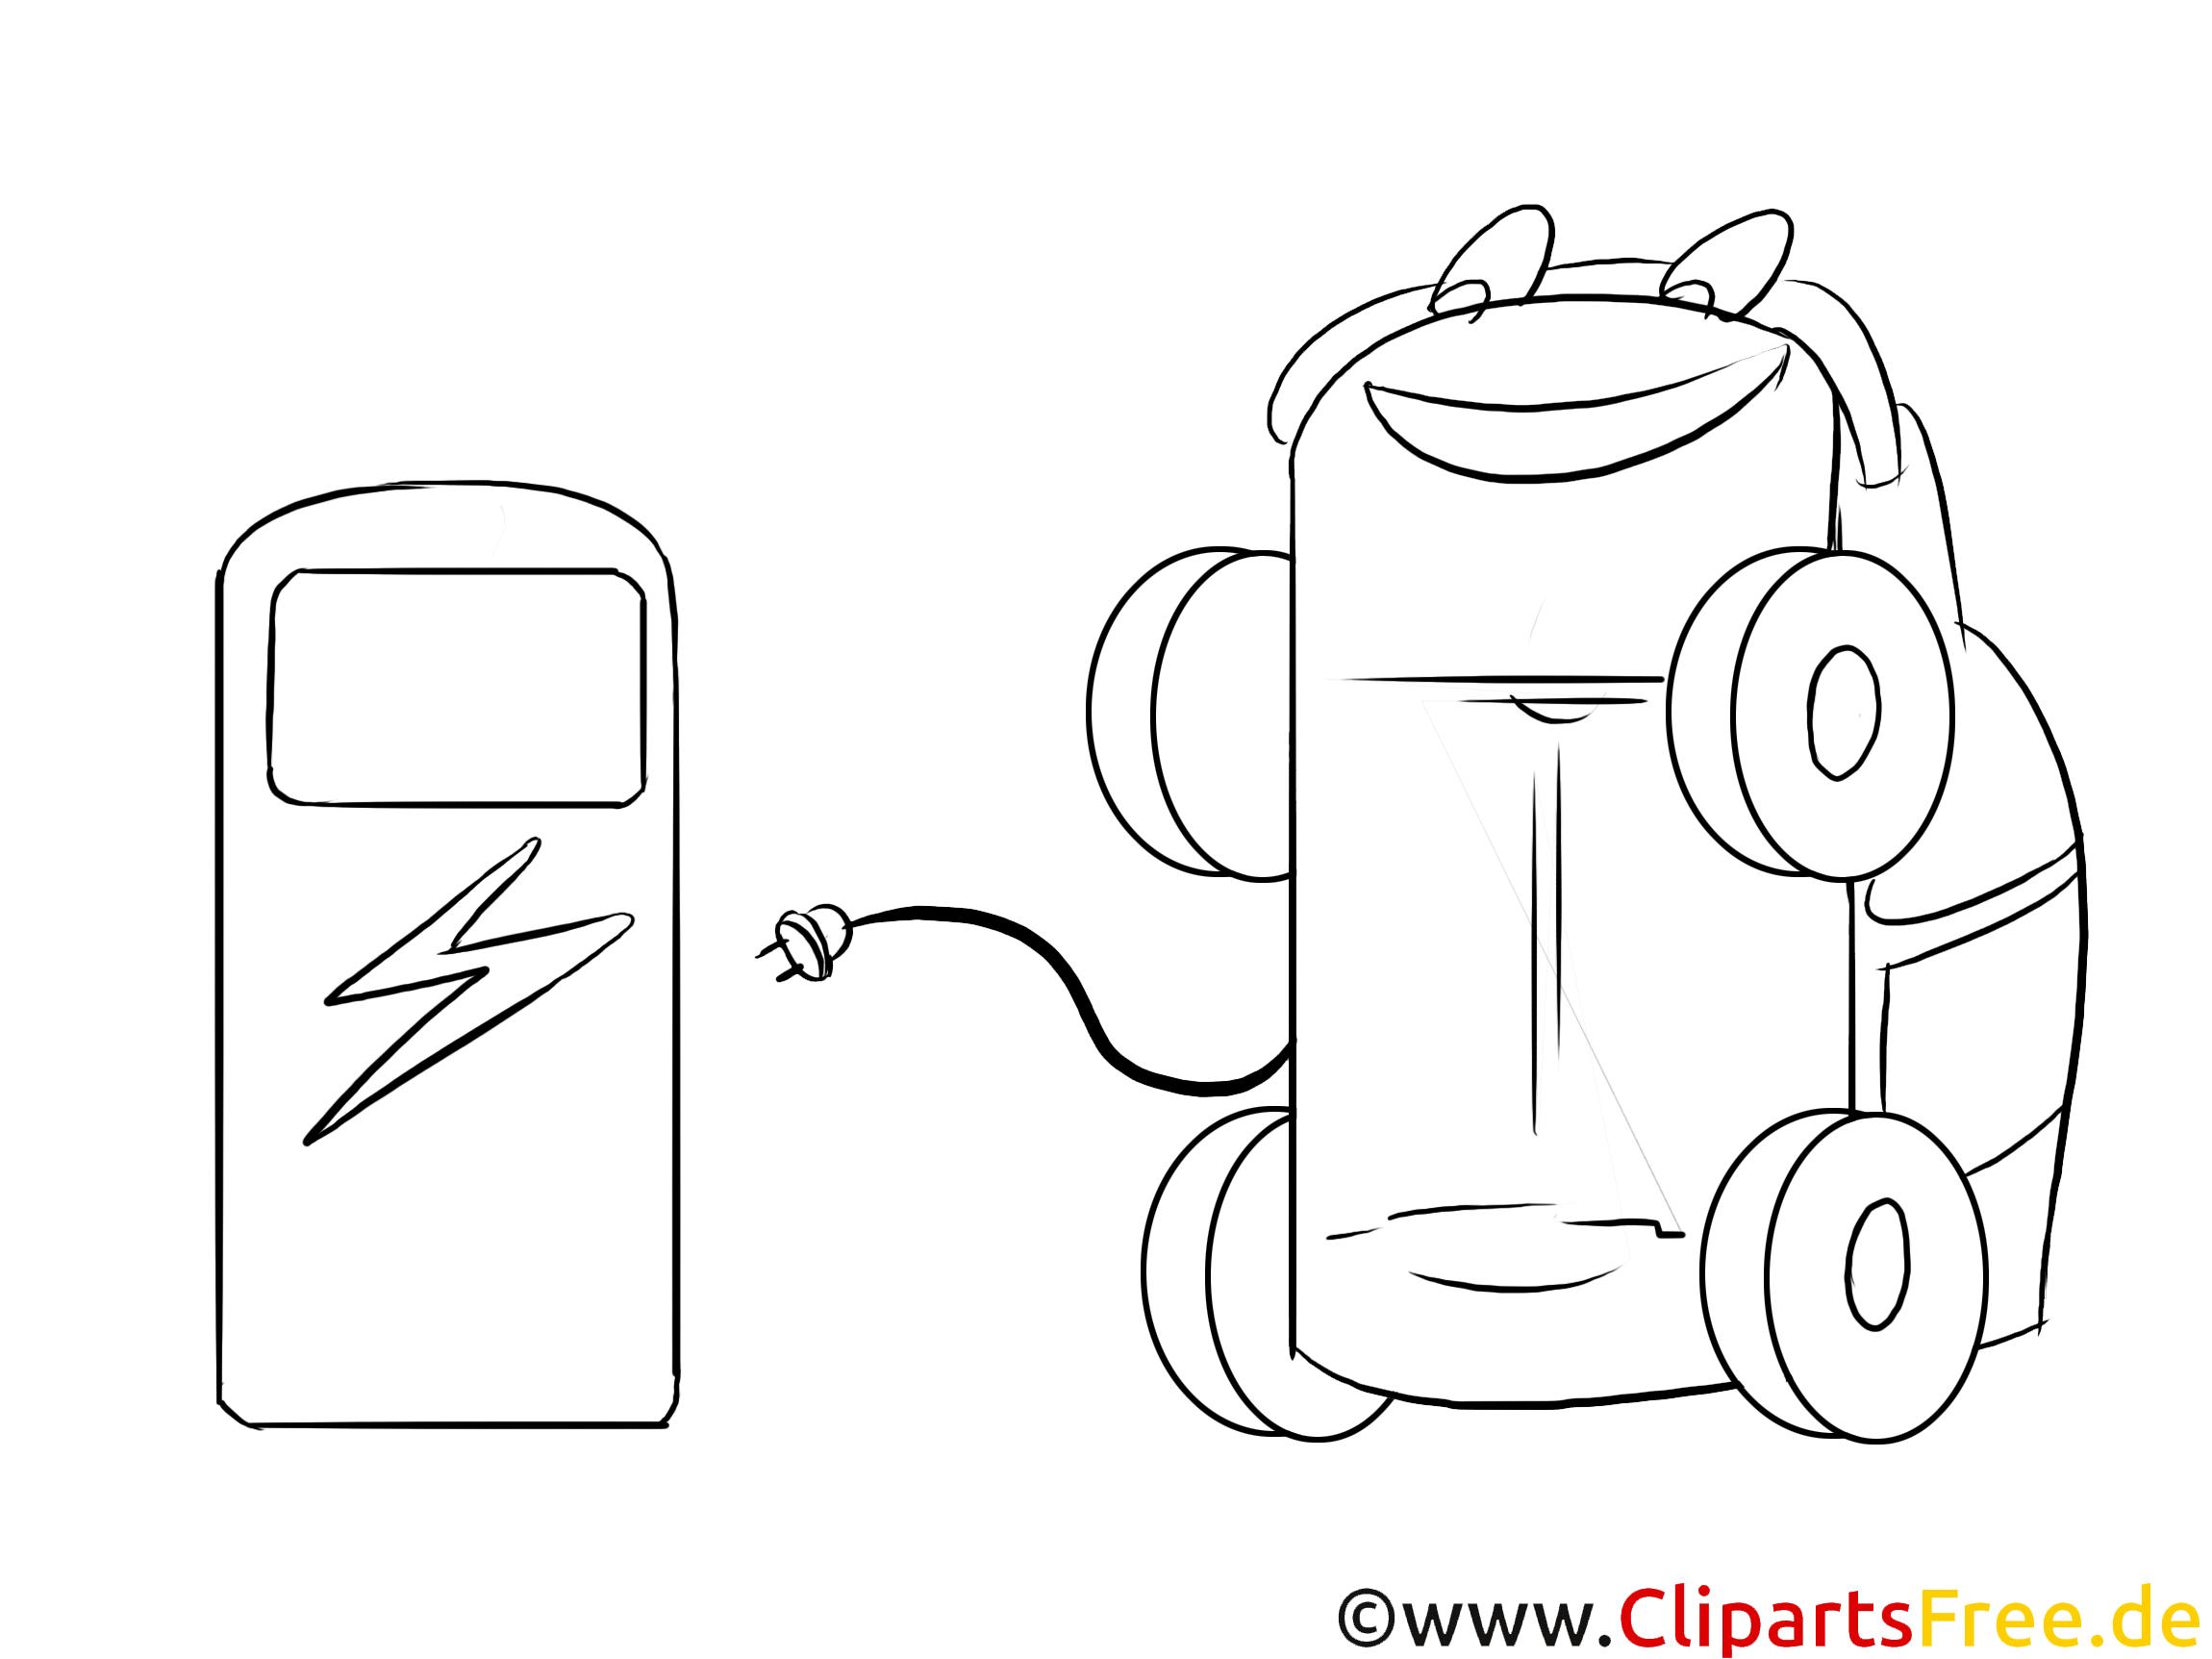 Elektrofahrzeug Maskottchen im Cartoonstil Bild, Graifk, Clipart